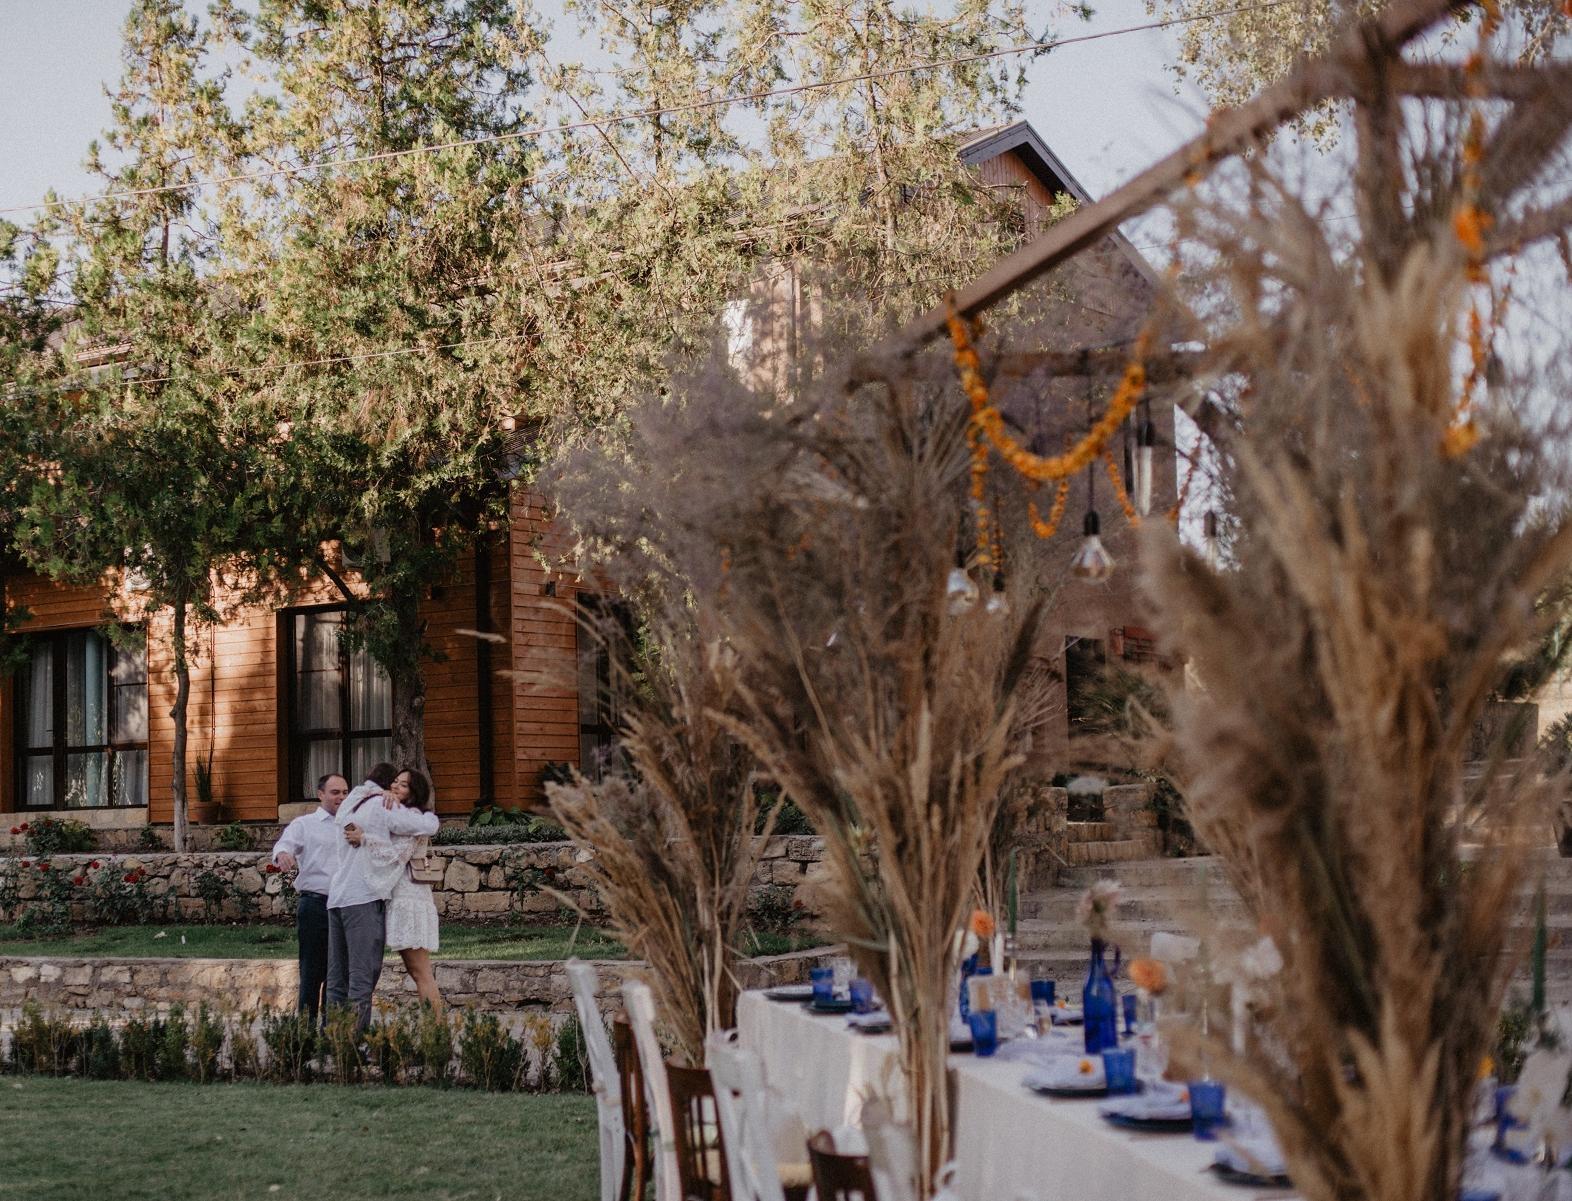 Личный опыт: как организовать экологичную свадьбу